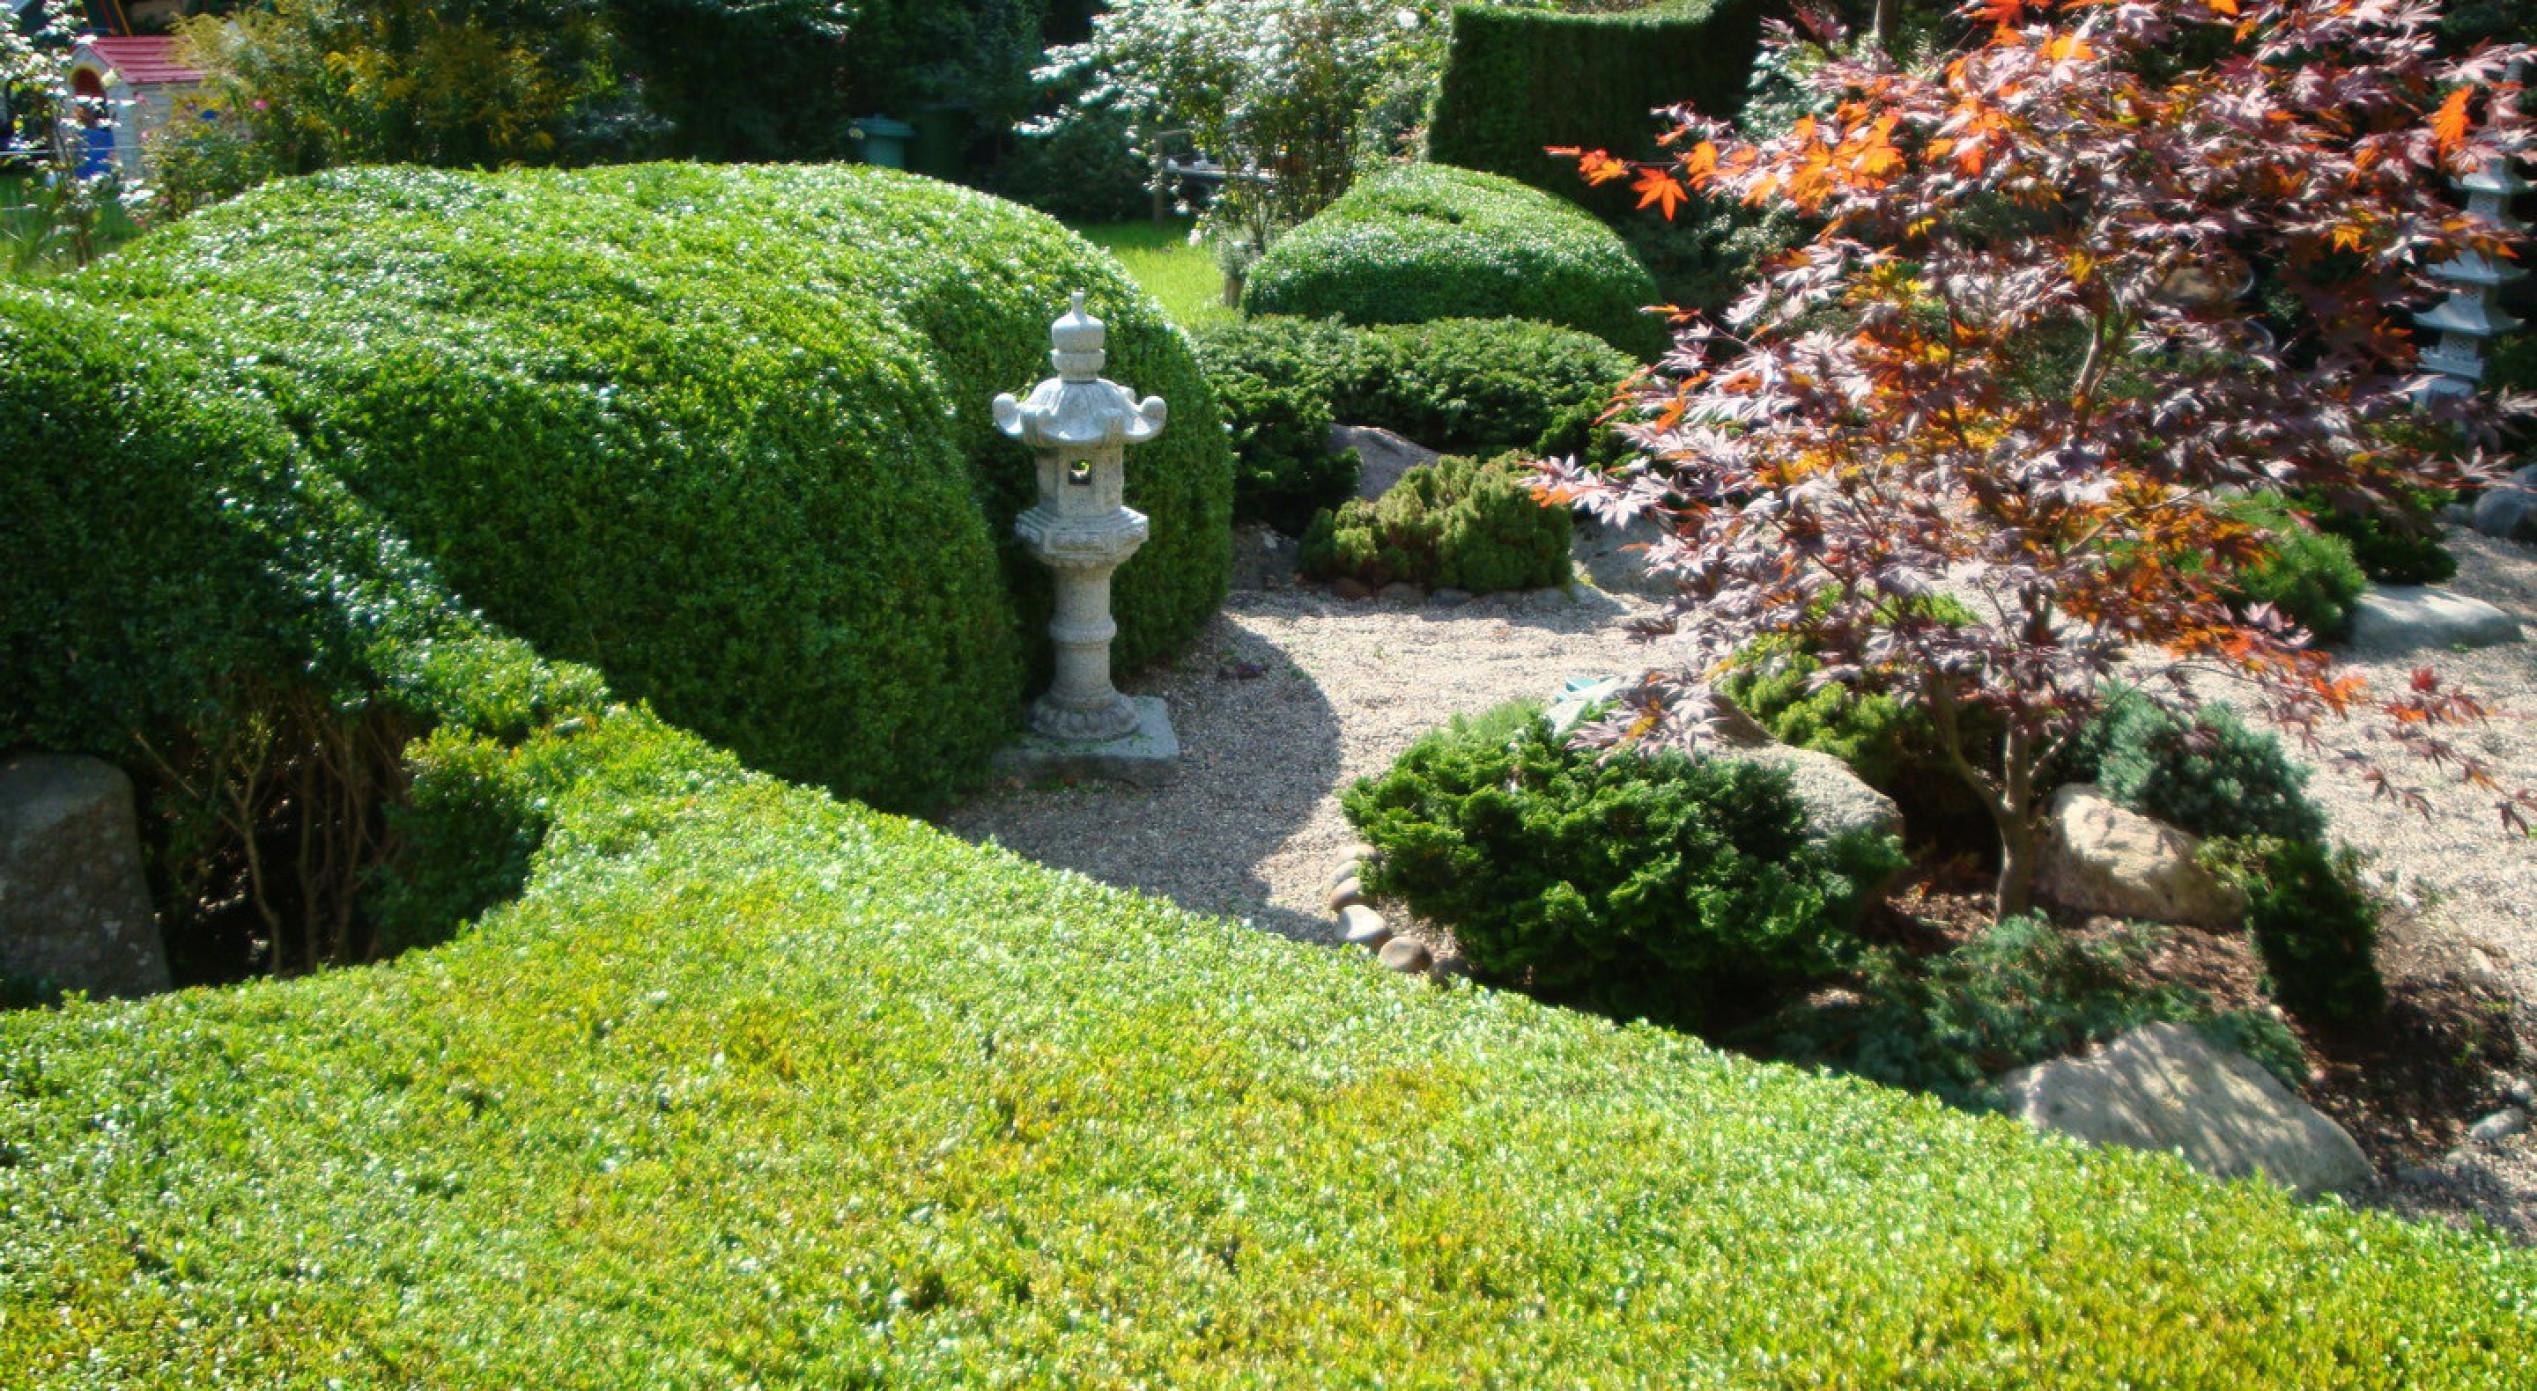 Gartenanlagen Bilder niwa gartenanlagen über uns